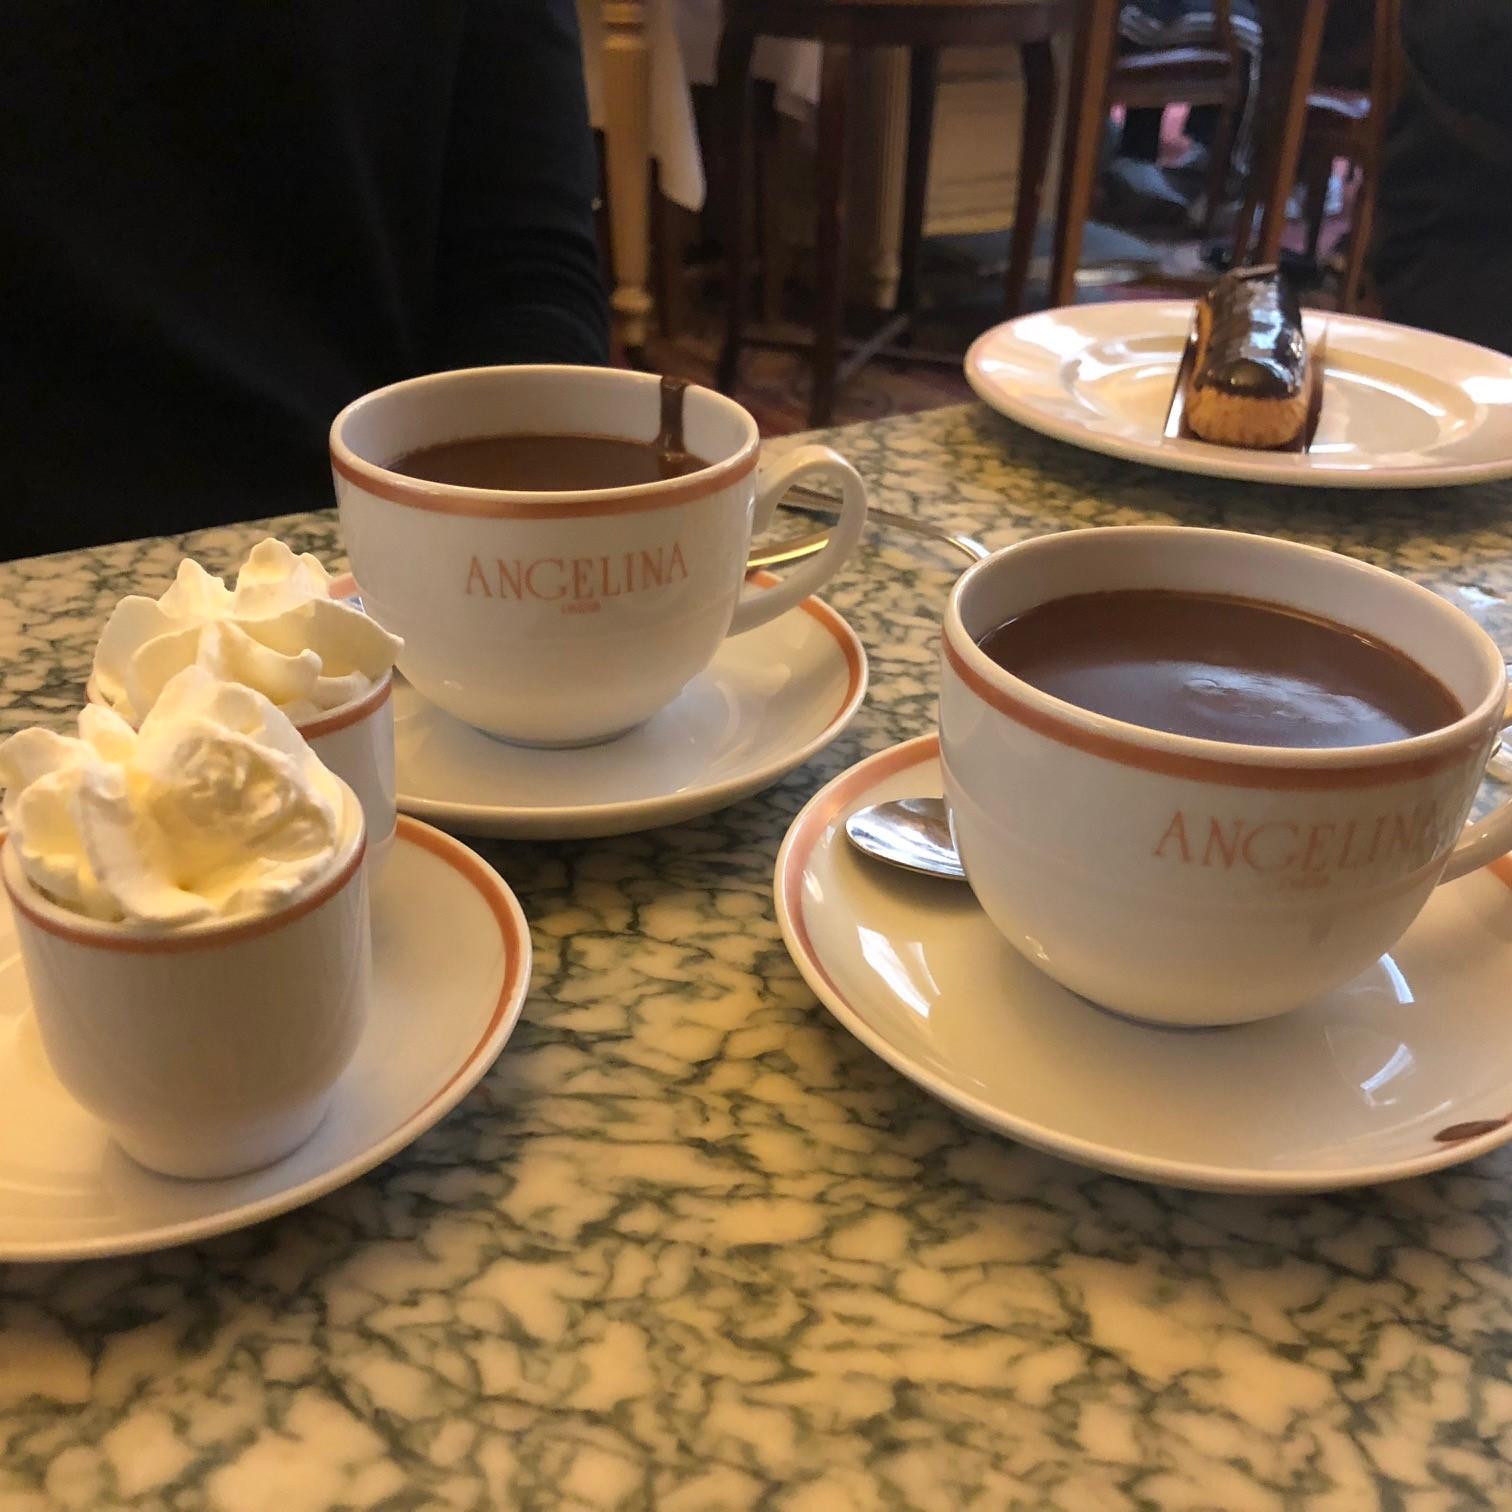 Angelina Paris chocolate